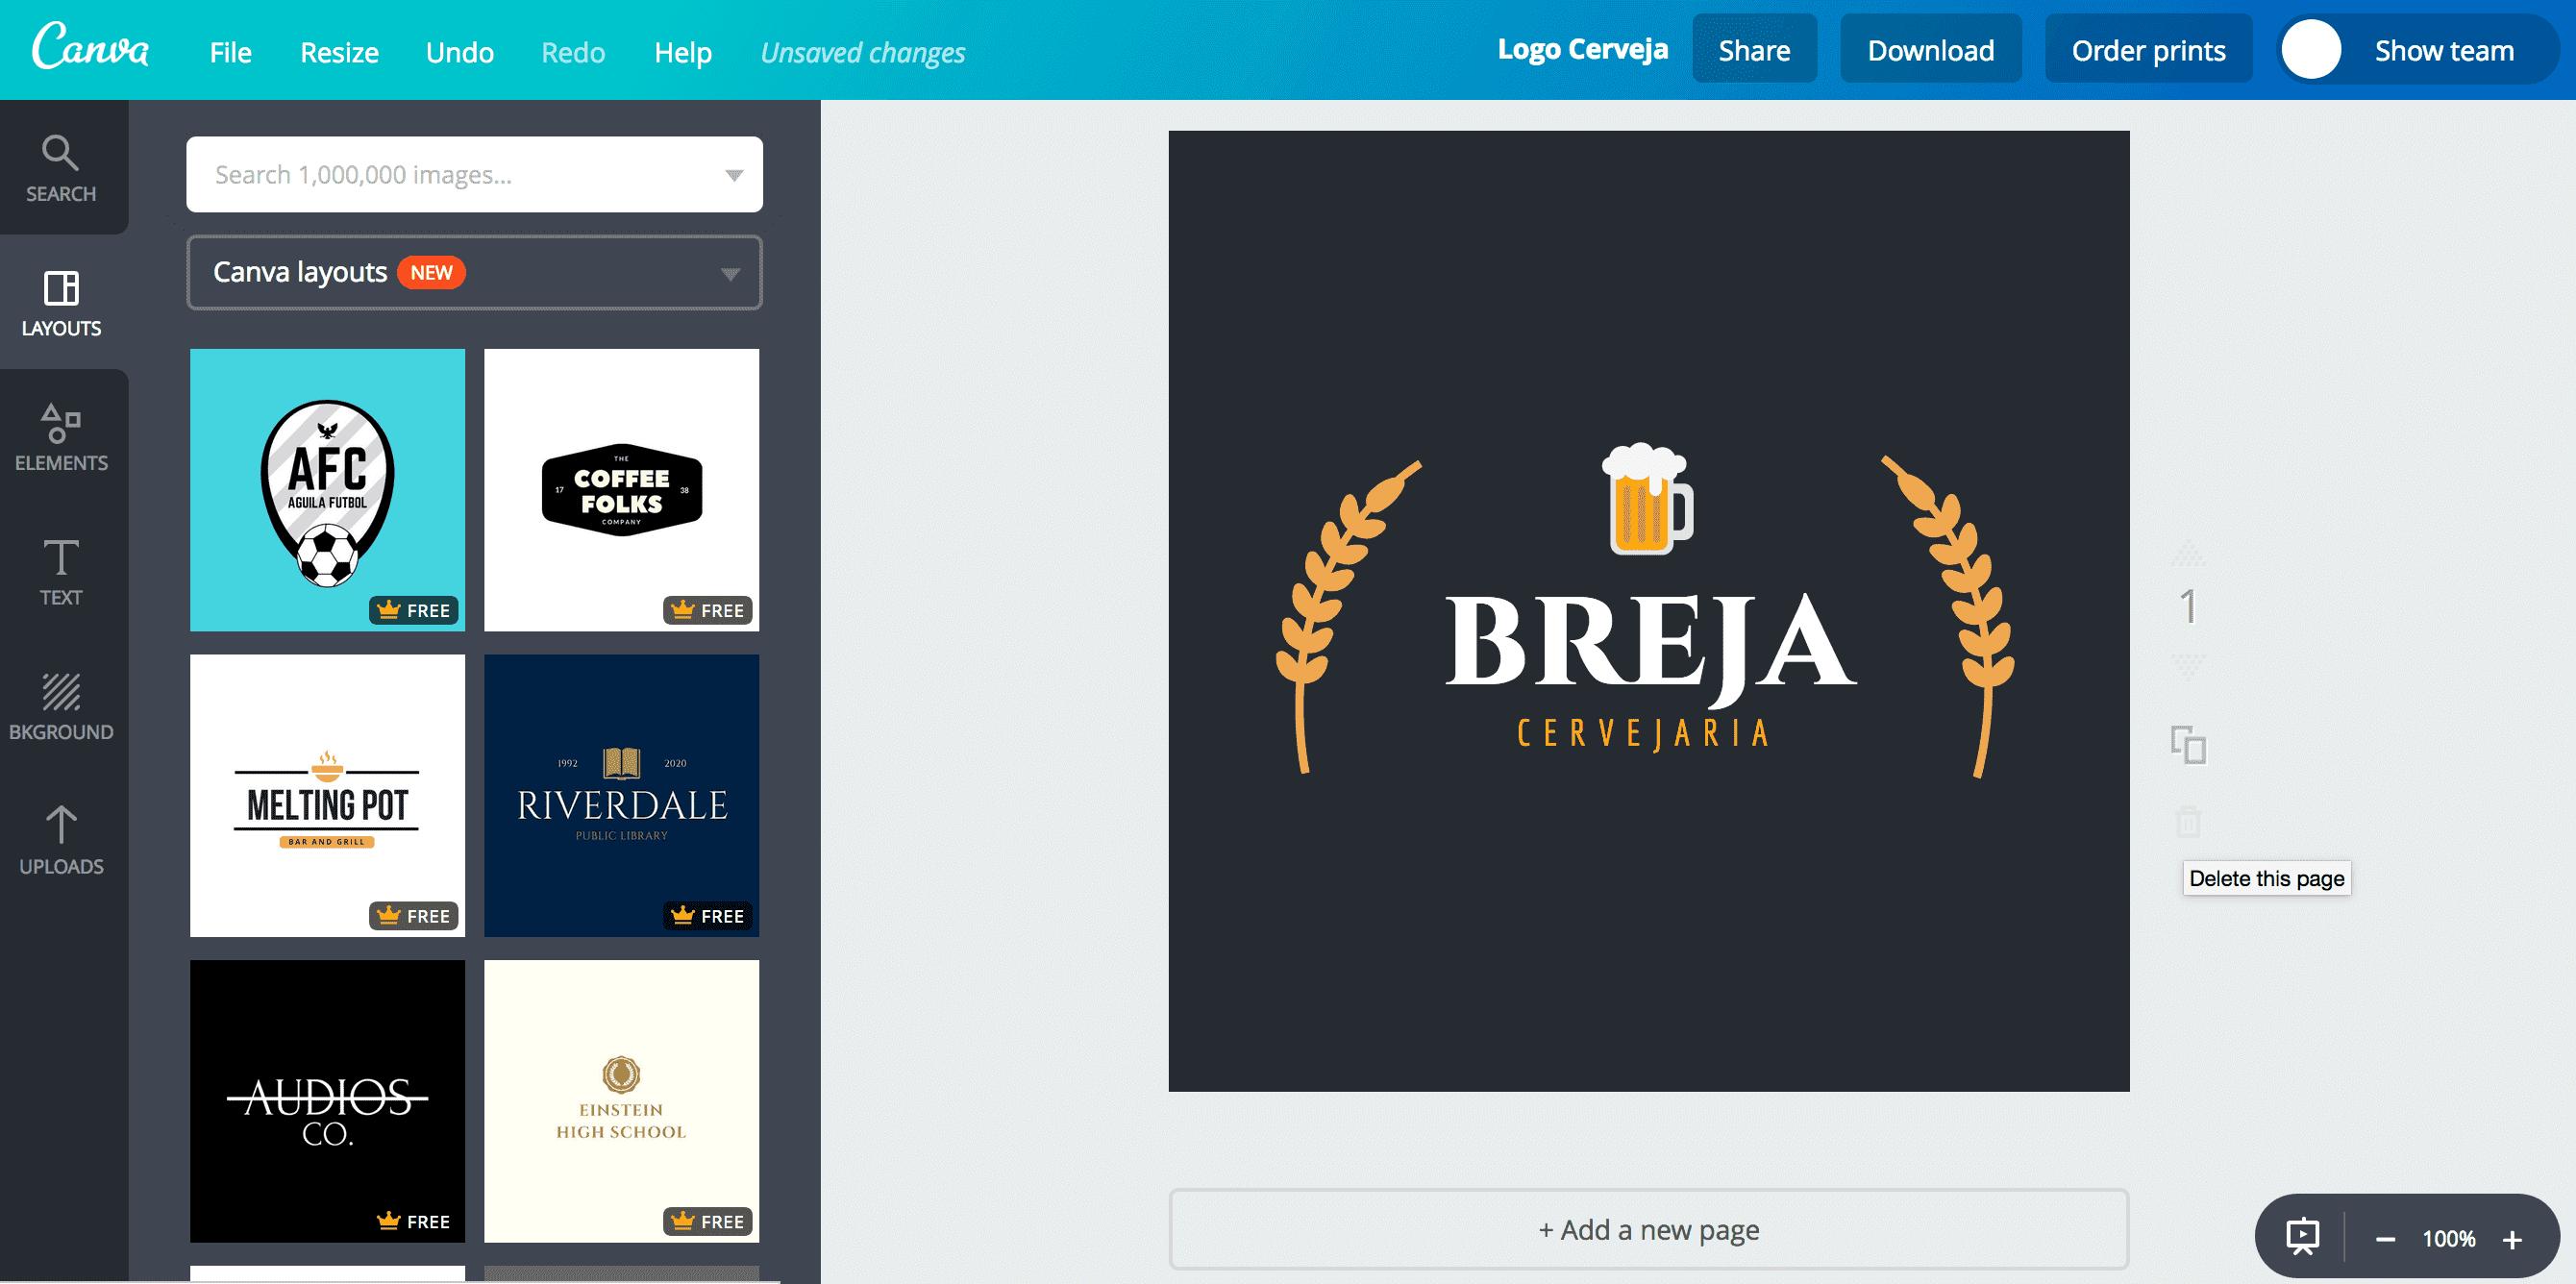 Logo de cerveja